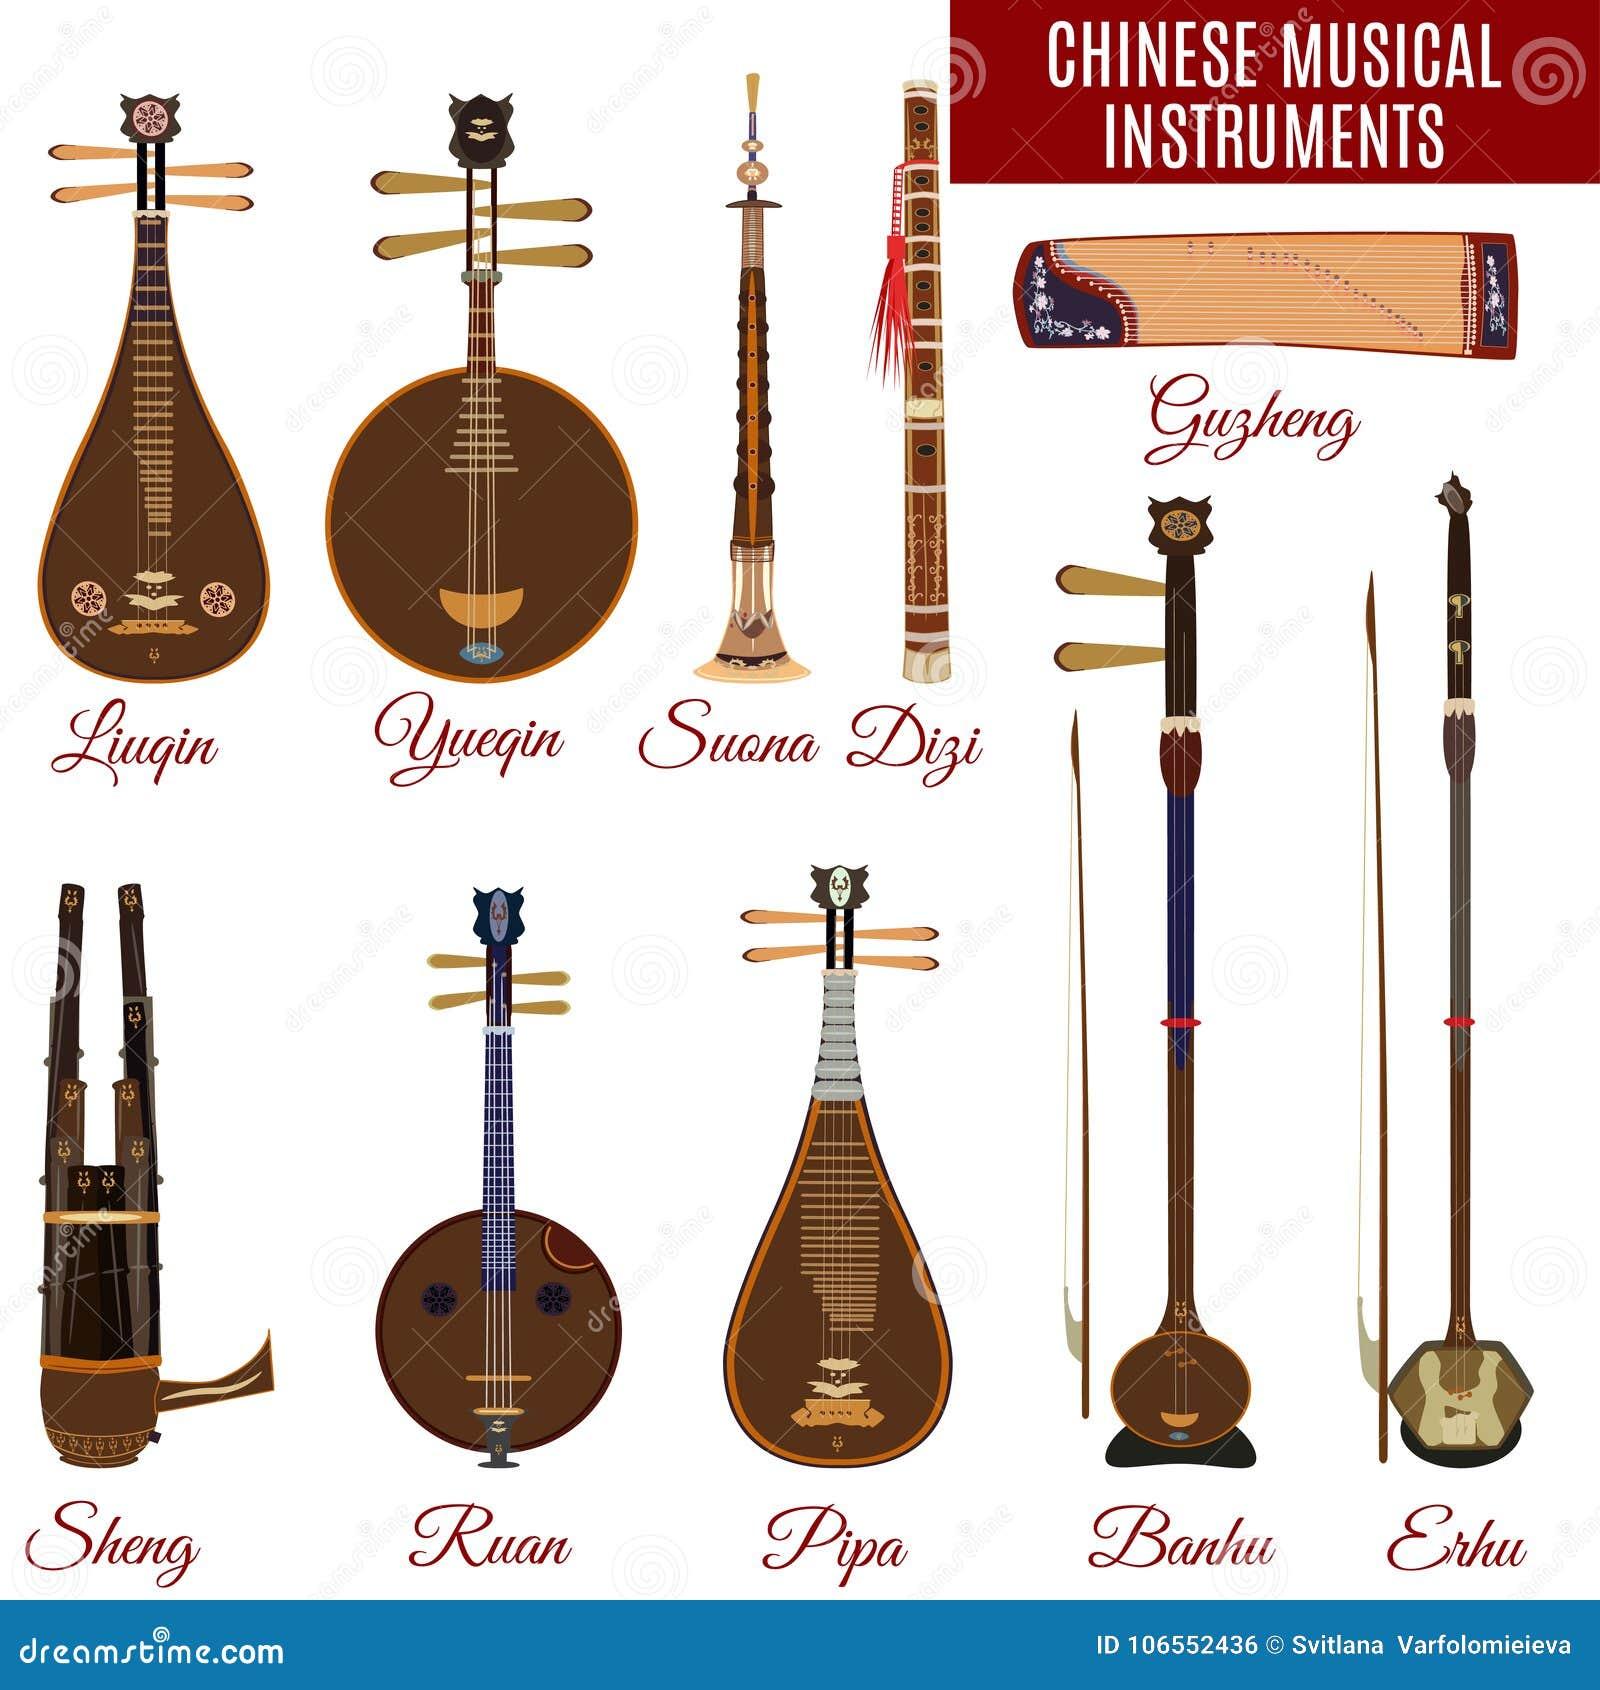 Διανυσματικό σύνολο κινεζικών μουσικών οργάνων, επίπεδο ύφος